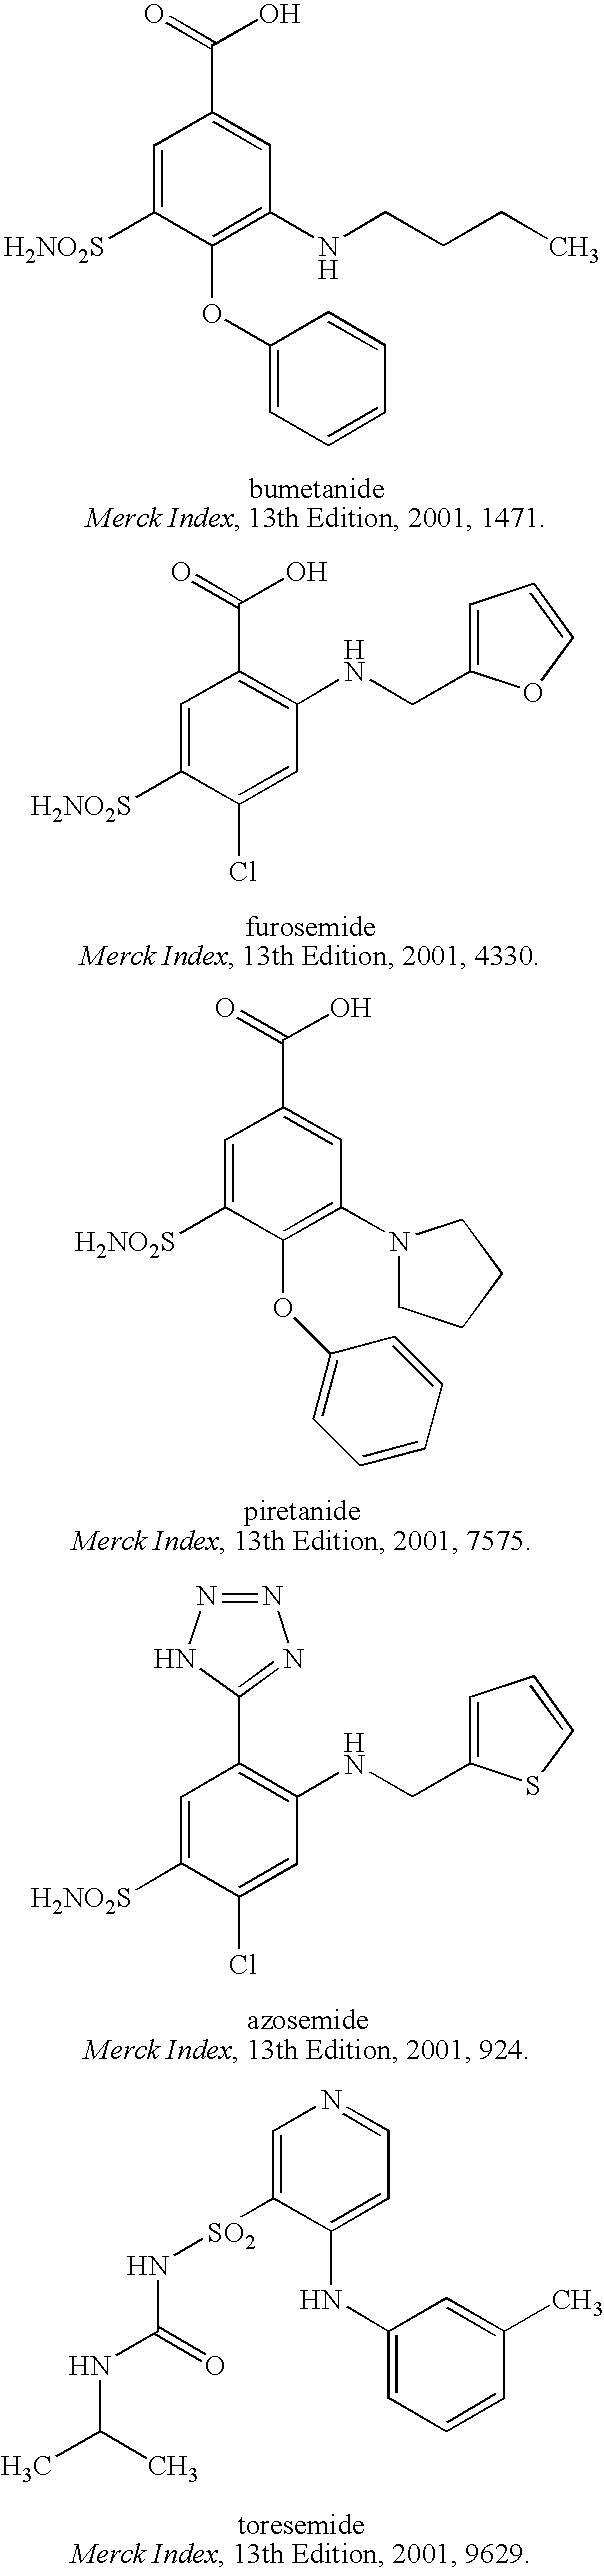 flagyl 500 mg tabletas